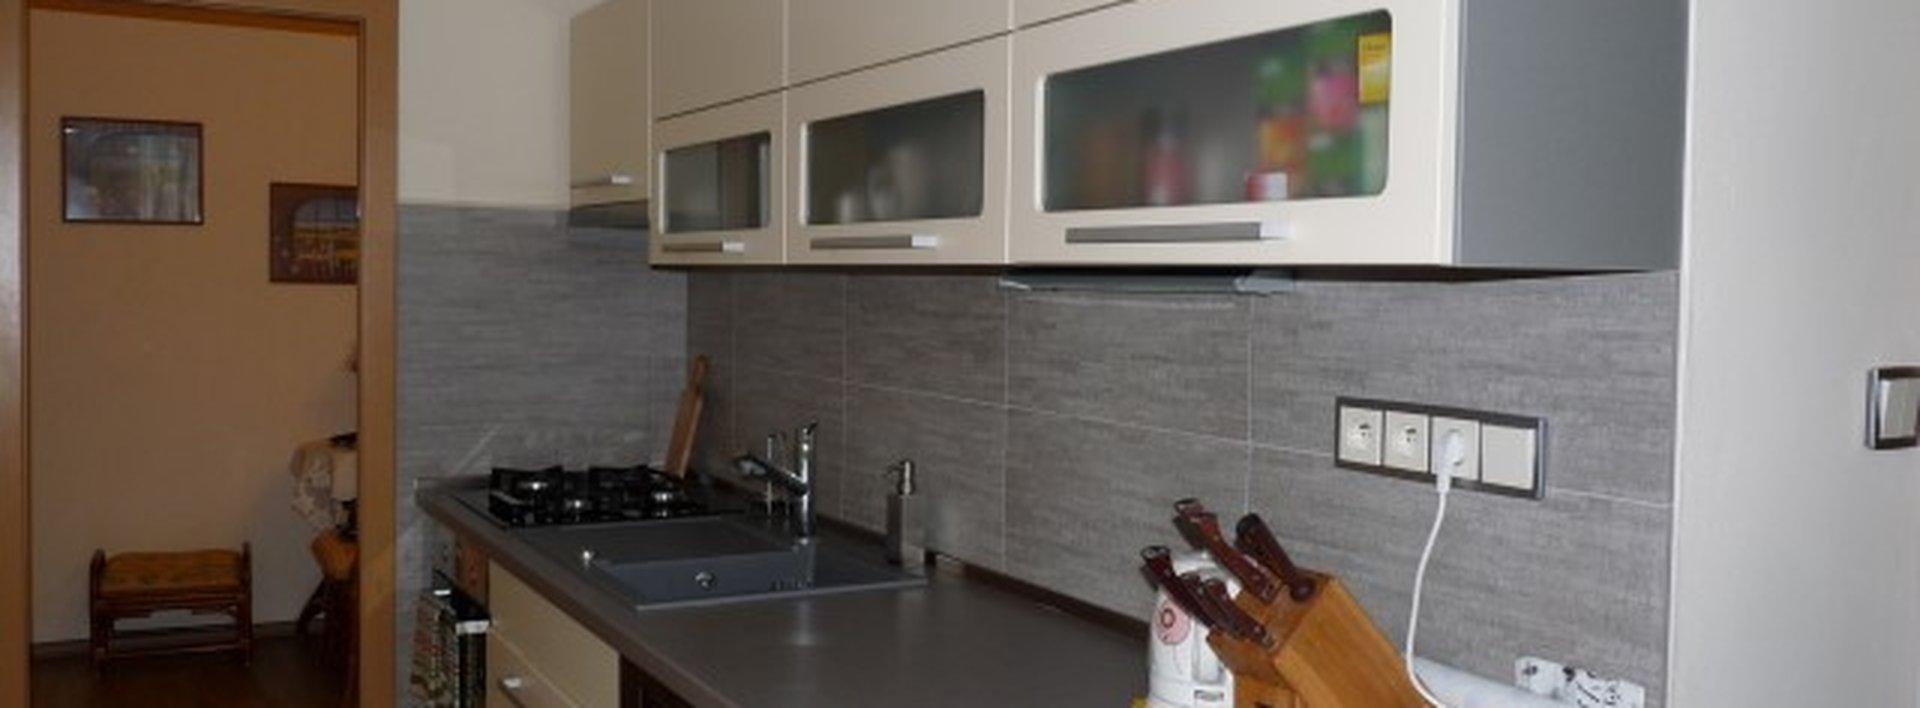 Pronájem zrekostruovaného bytu 3+1+lodžie ve Vratislavicích n. N., Ev.č.: N47033